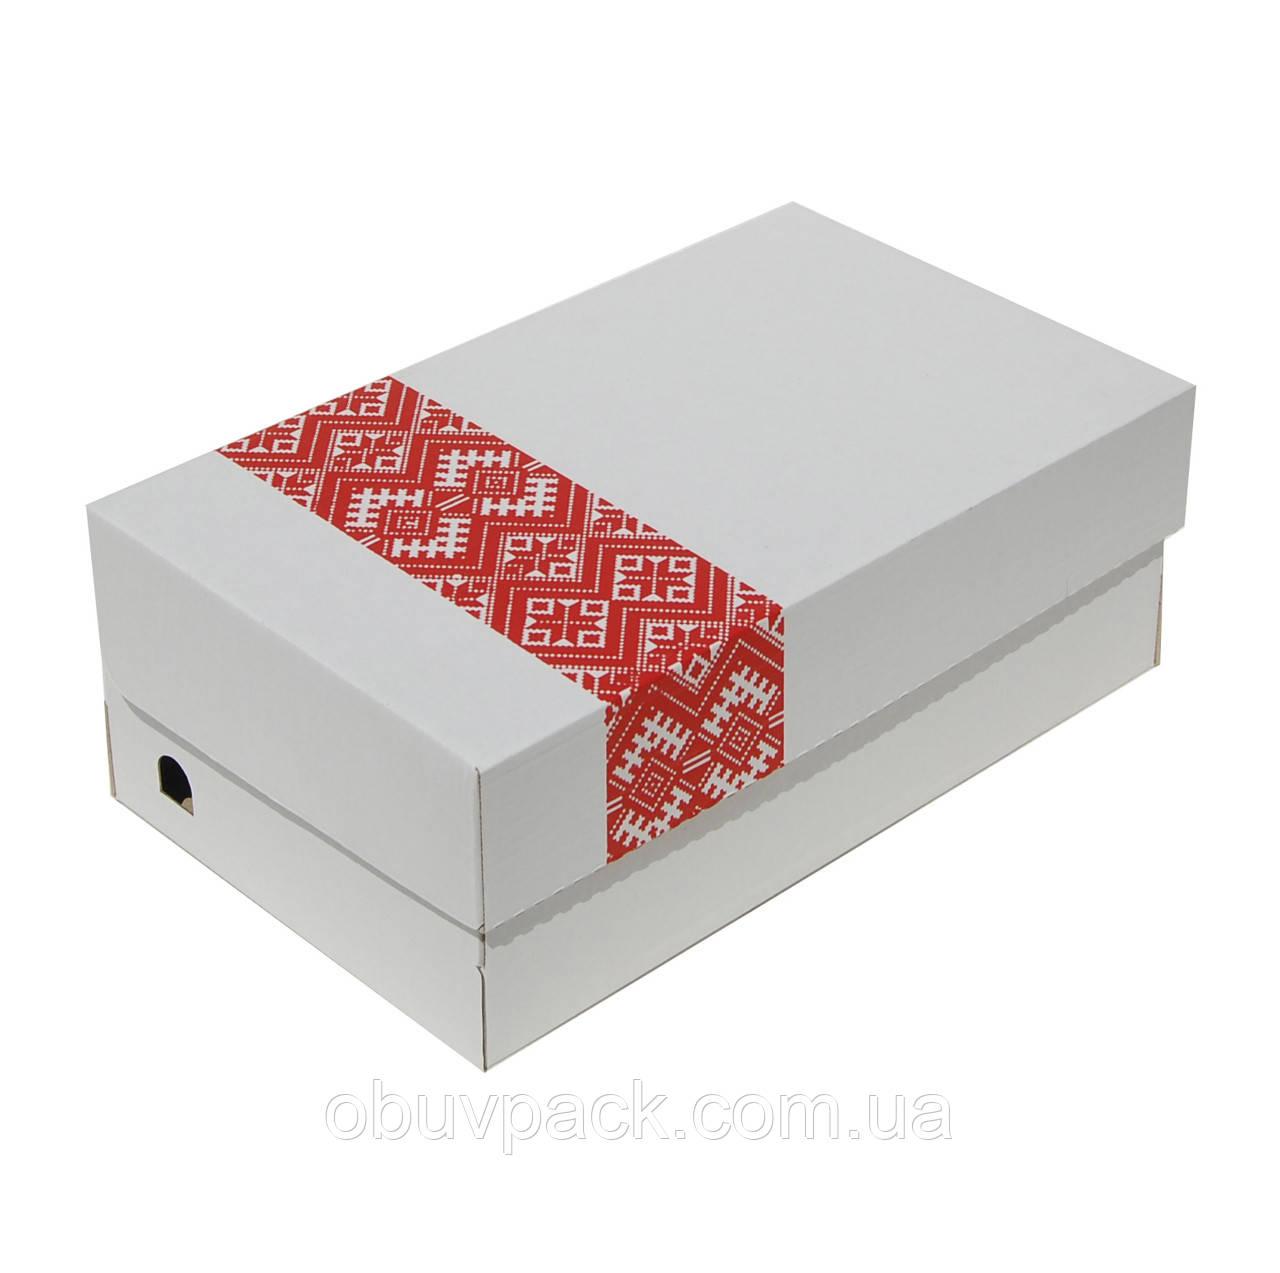 Коробка обувная белая с нанесением логотипа